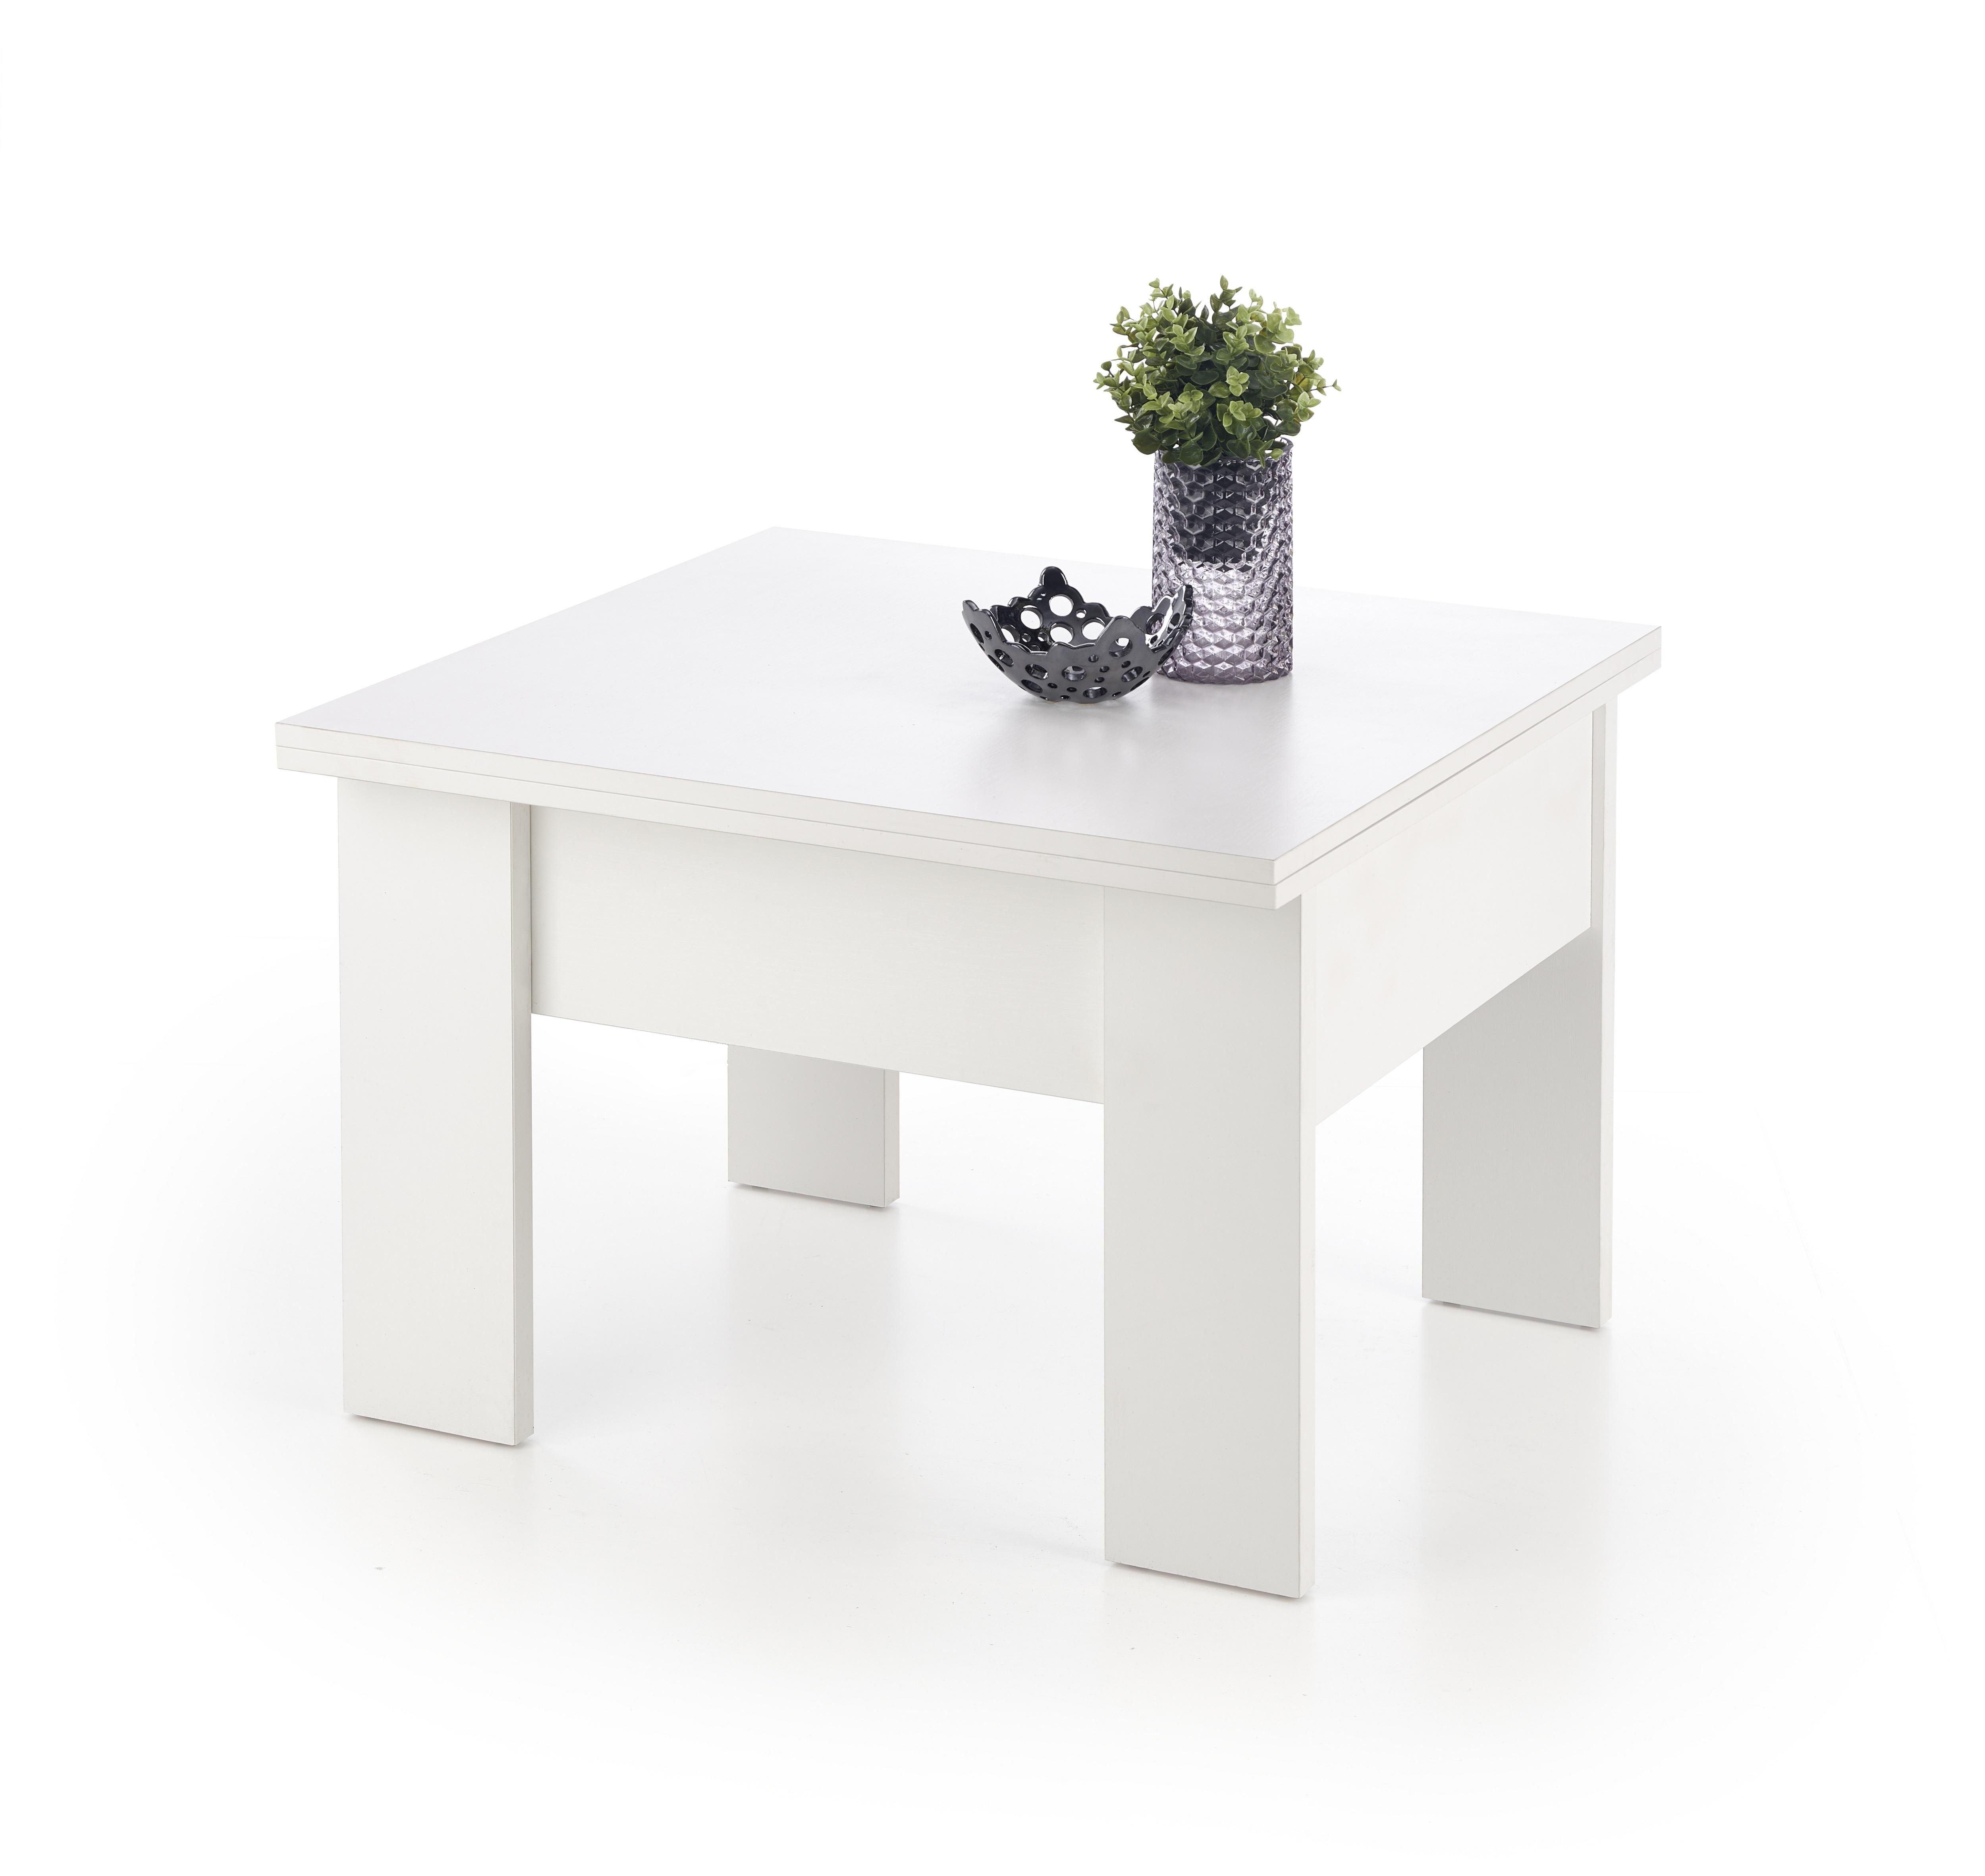 Masa de cafea Serafin White L80-160xl80xh53-79 cm